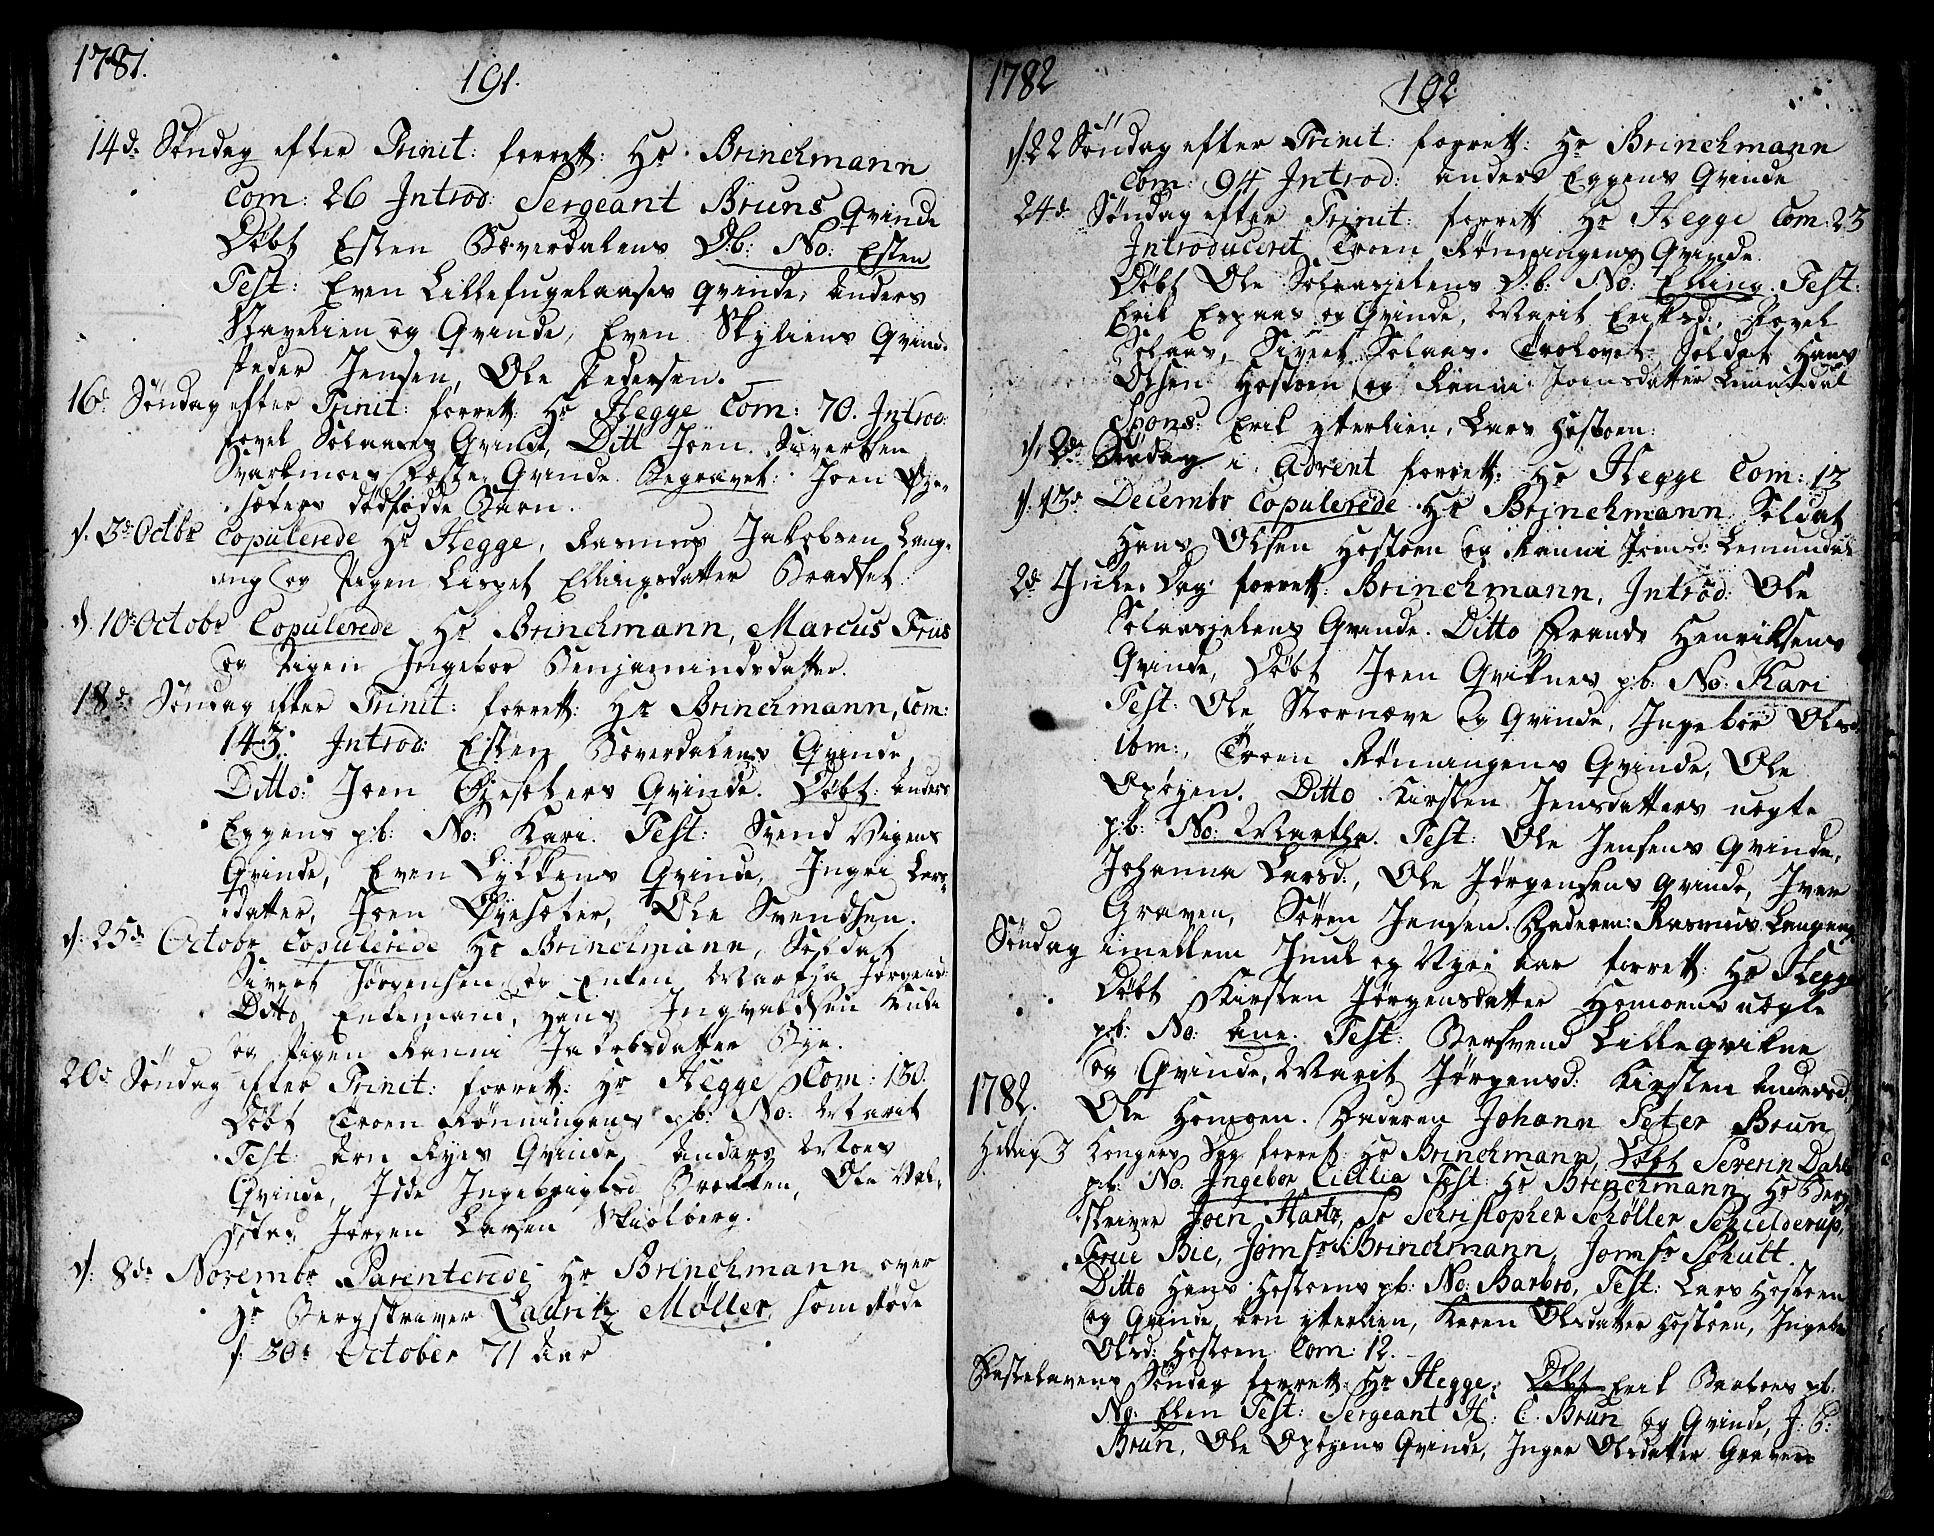 SAT, Ministerialprotokoller, klokkerbøker og fødselsregistre - Sør-Trøndelag, 671/L0840: Ministerialbok nr. 671A02, 1756-1794, s. 291-292